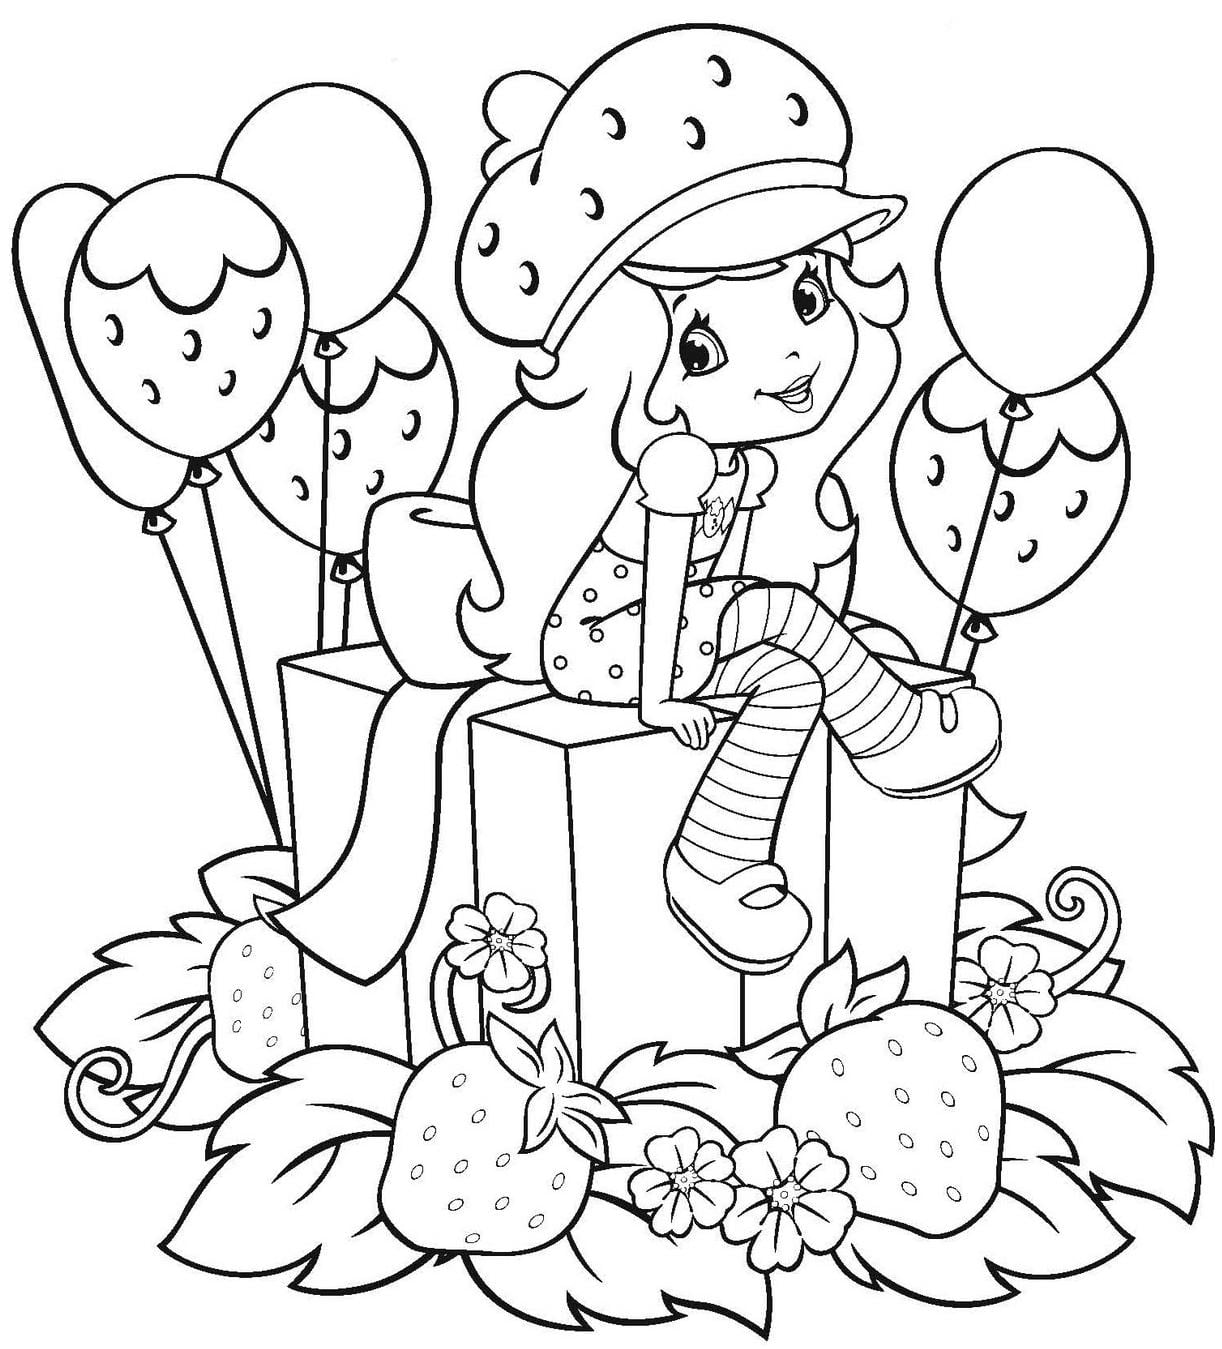 Desenho Moranguinho Colorir